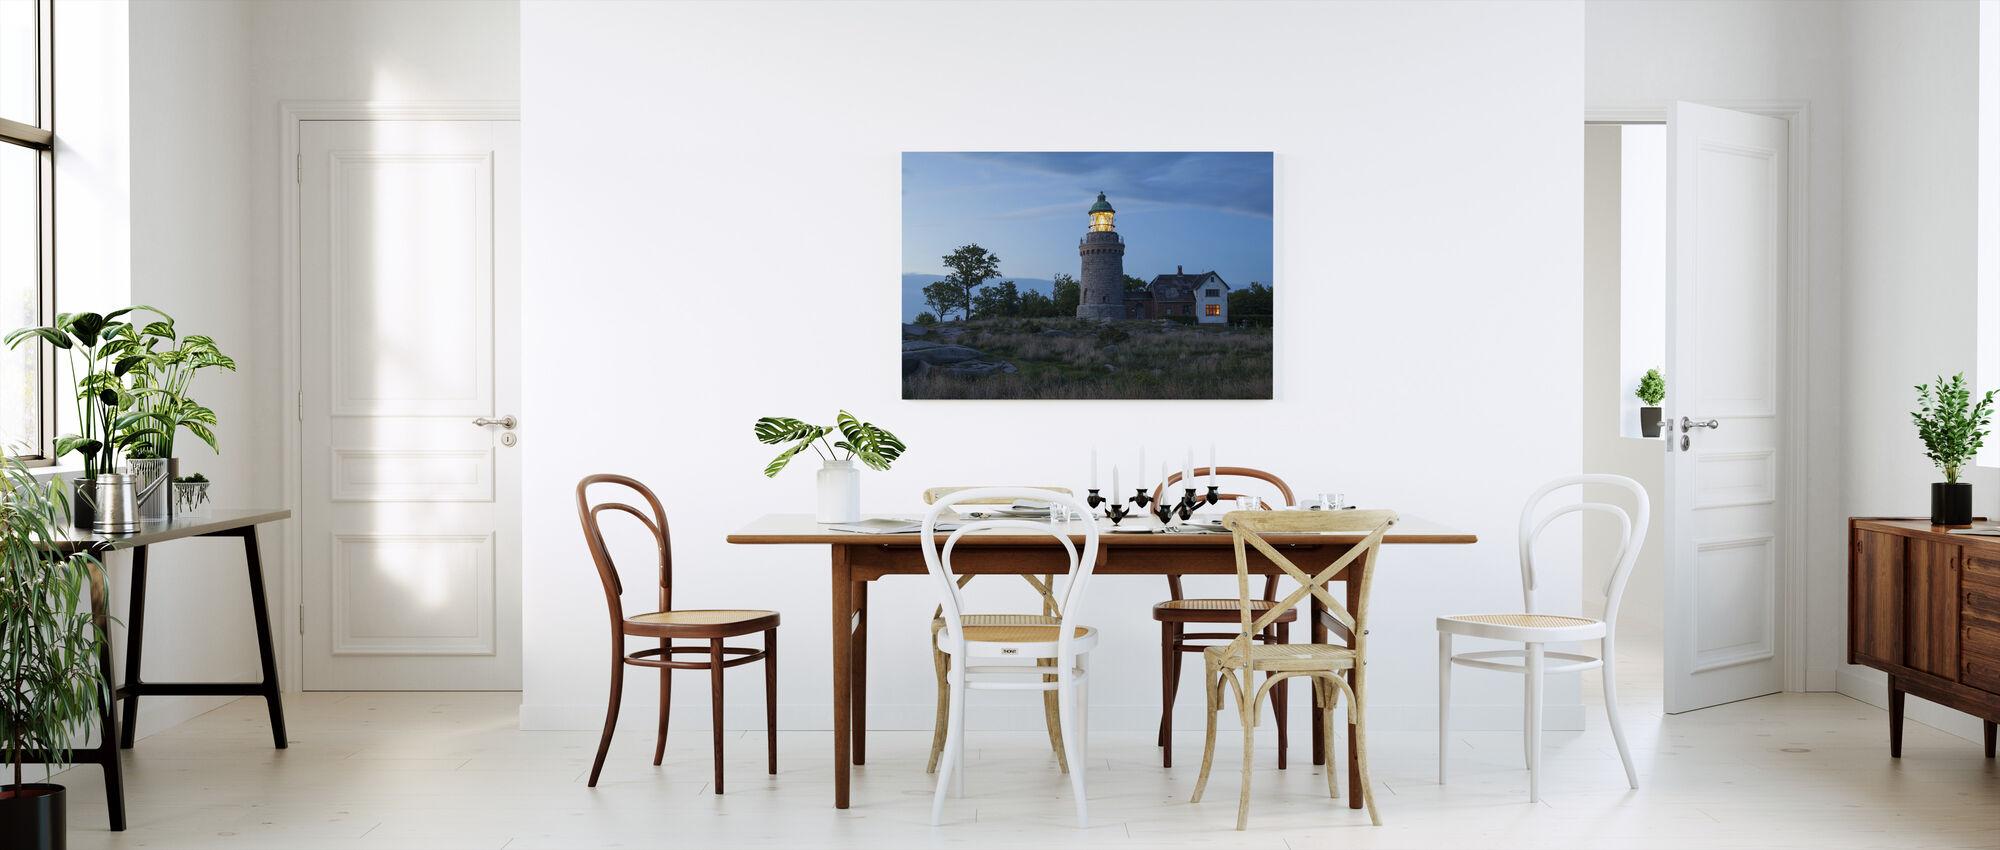 Fyr i Bornholm, Danmark - Lerretsbilde - Kjøkken